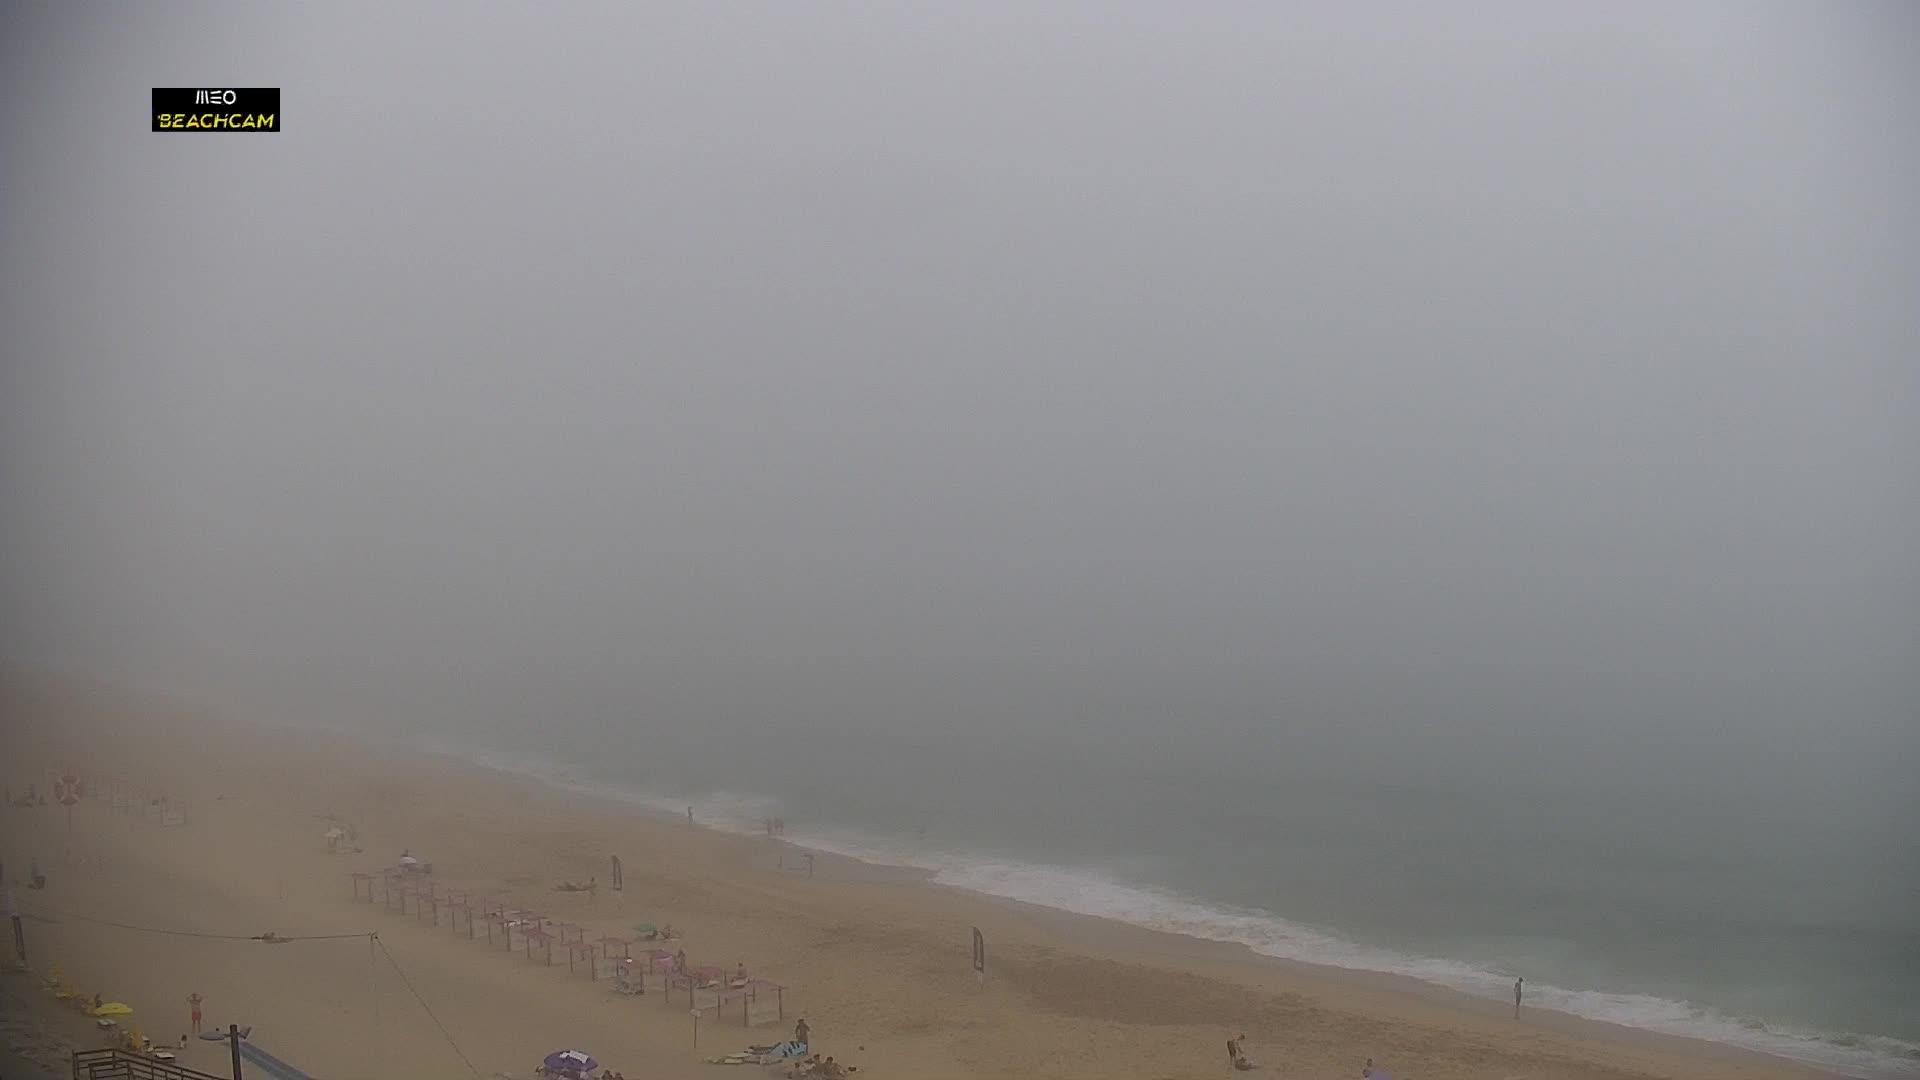 Praia Grande Di. 16:53